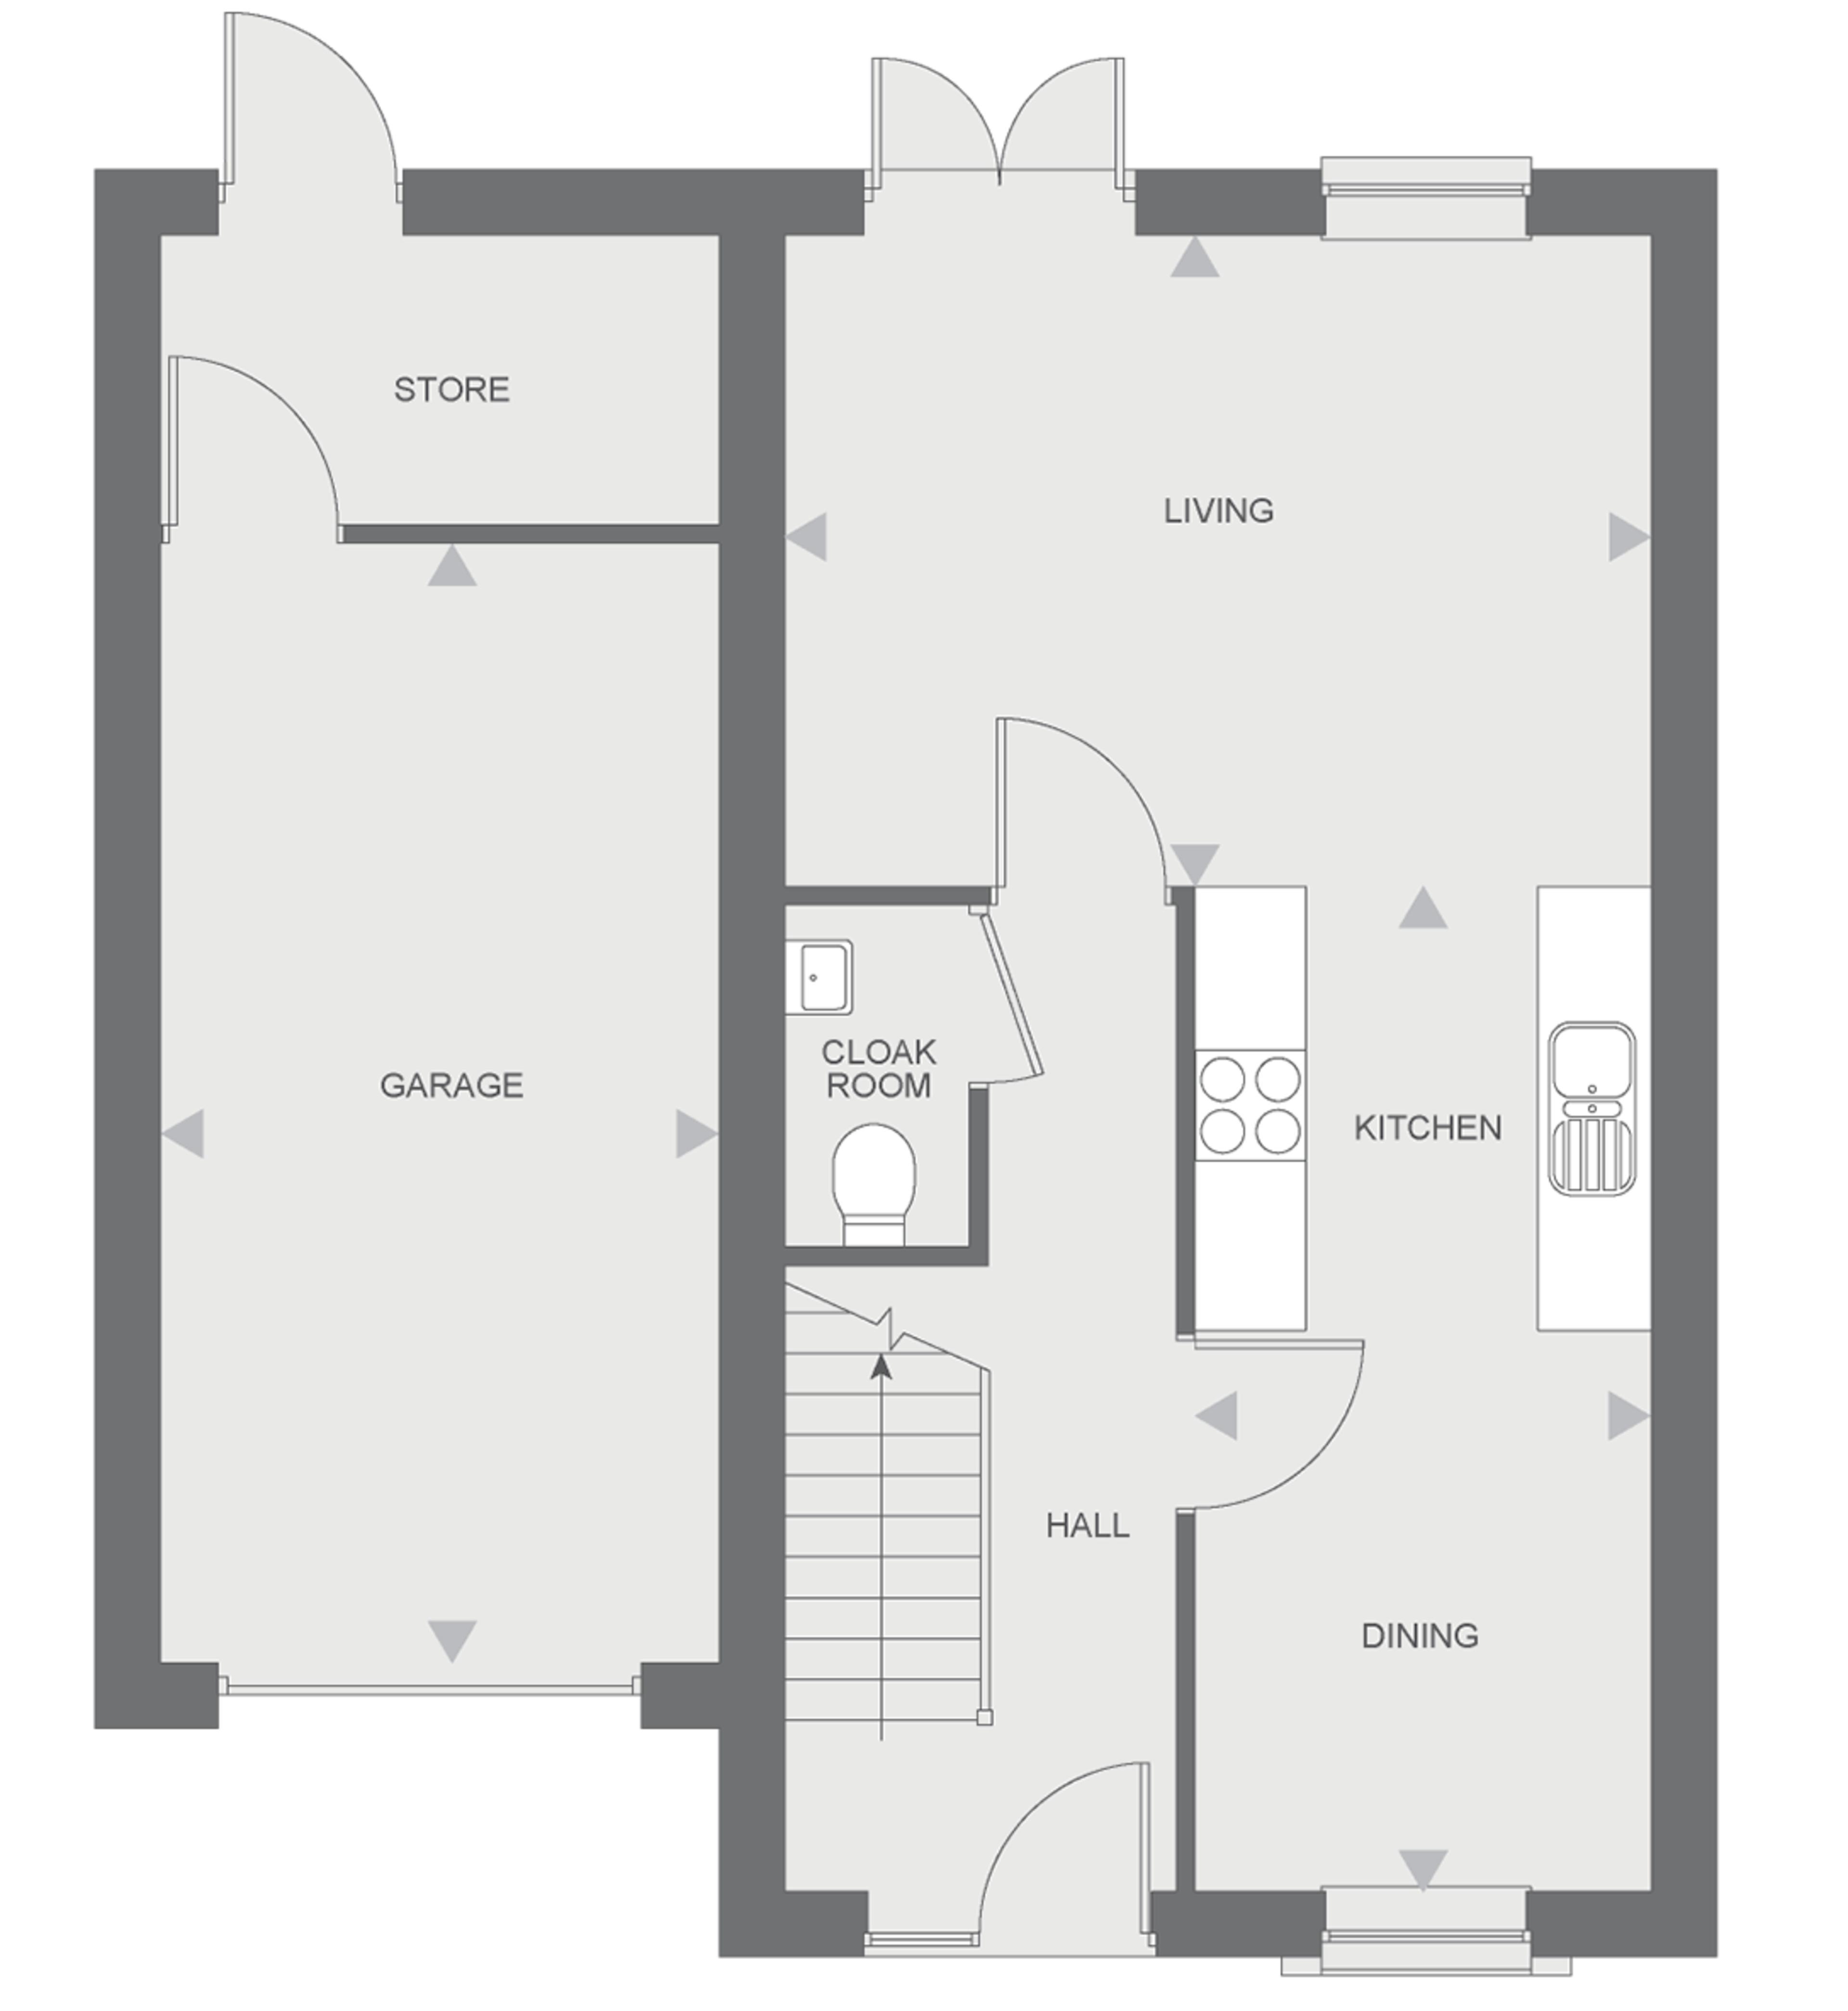 Langley - Ground floor